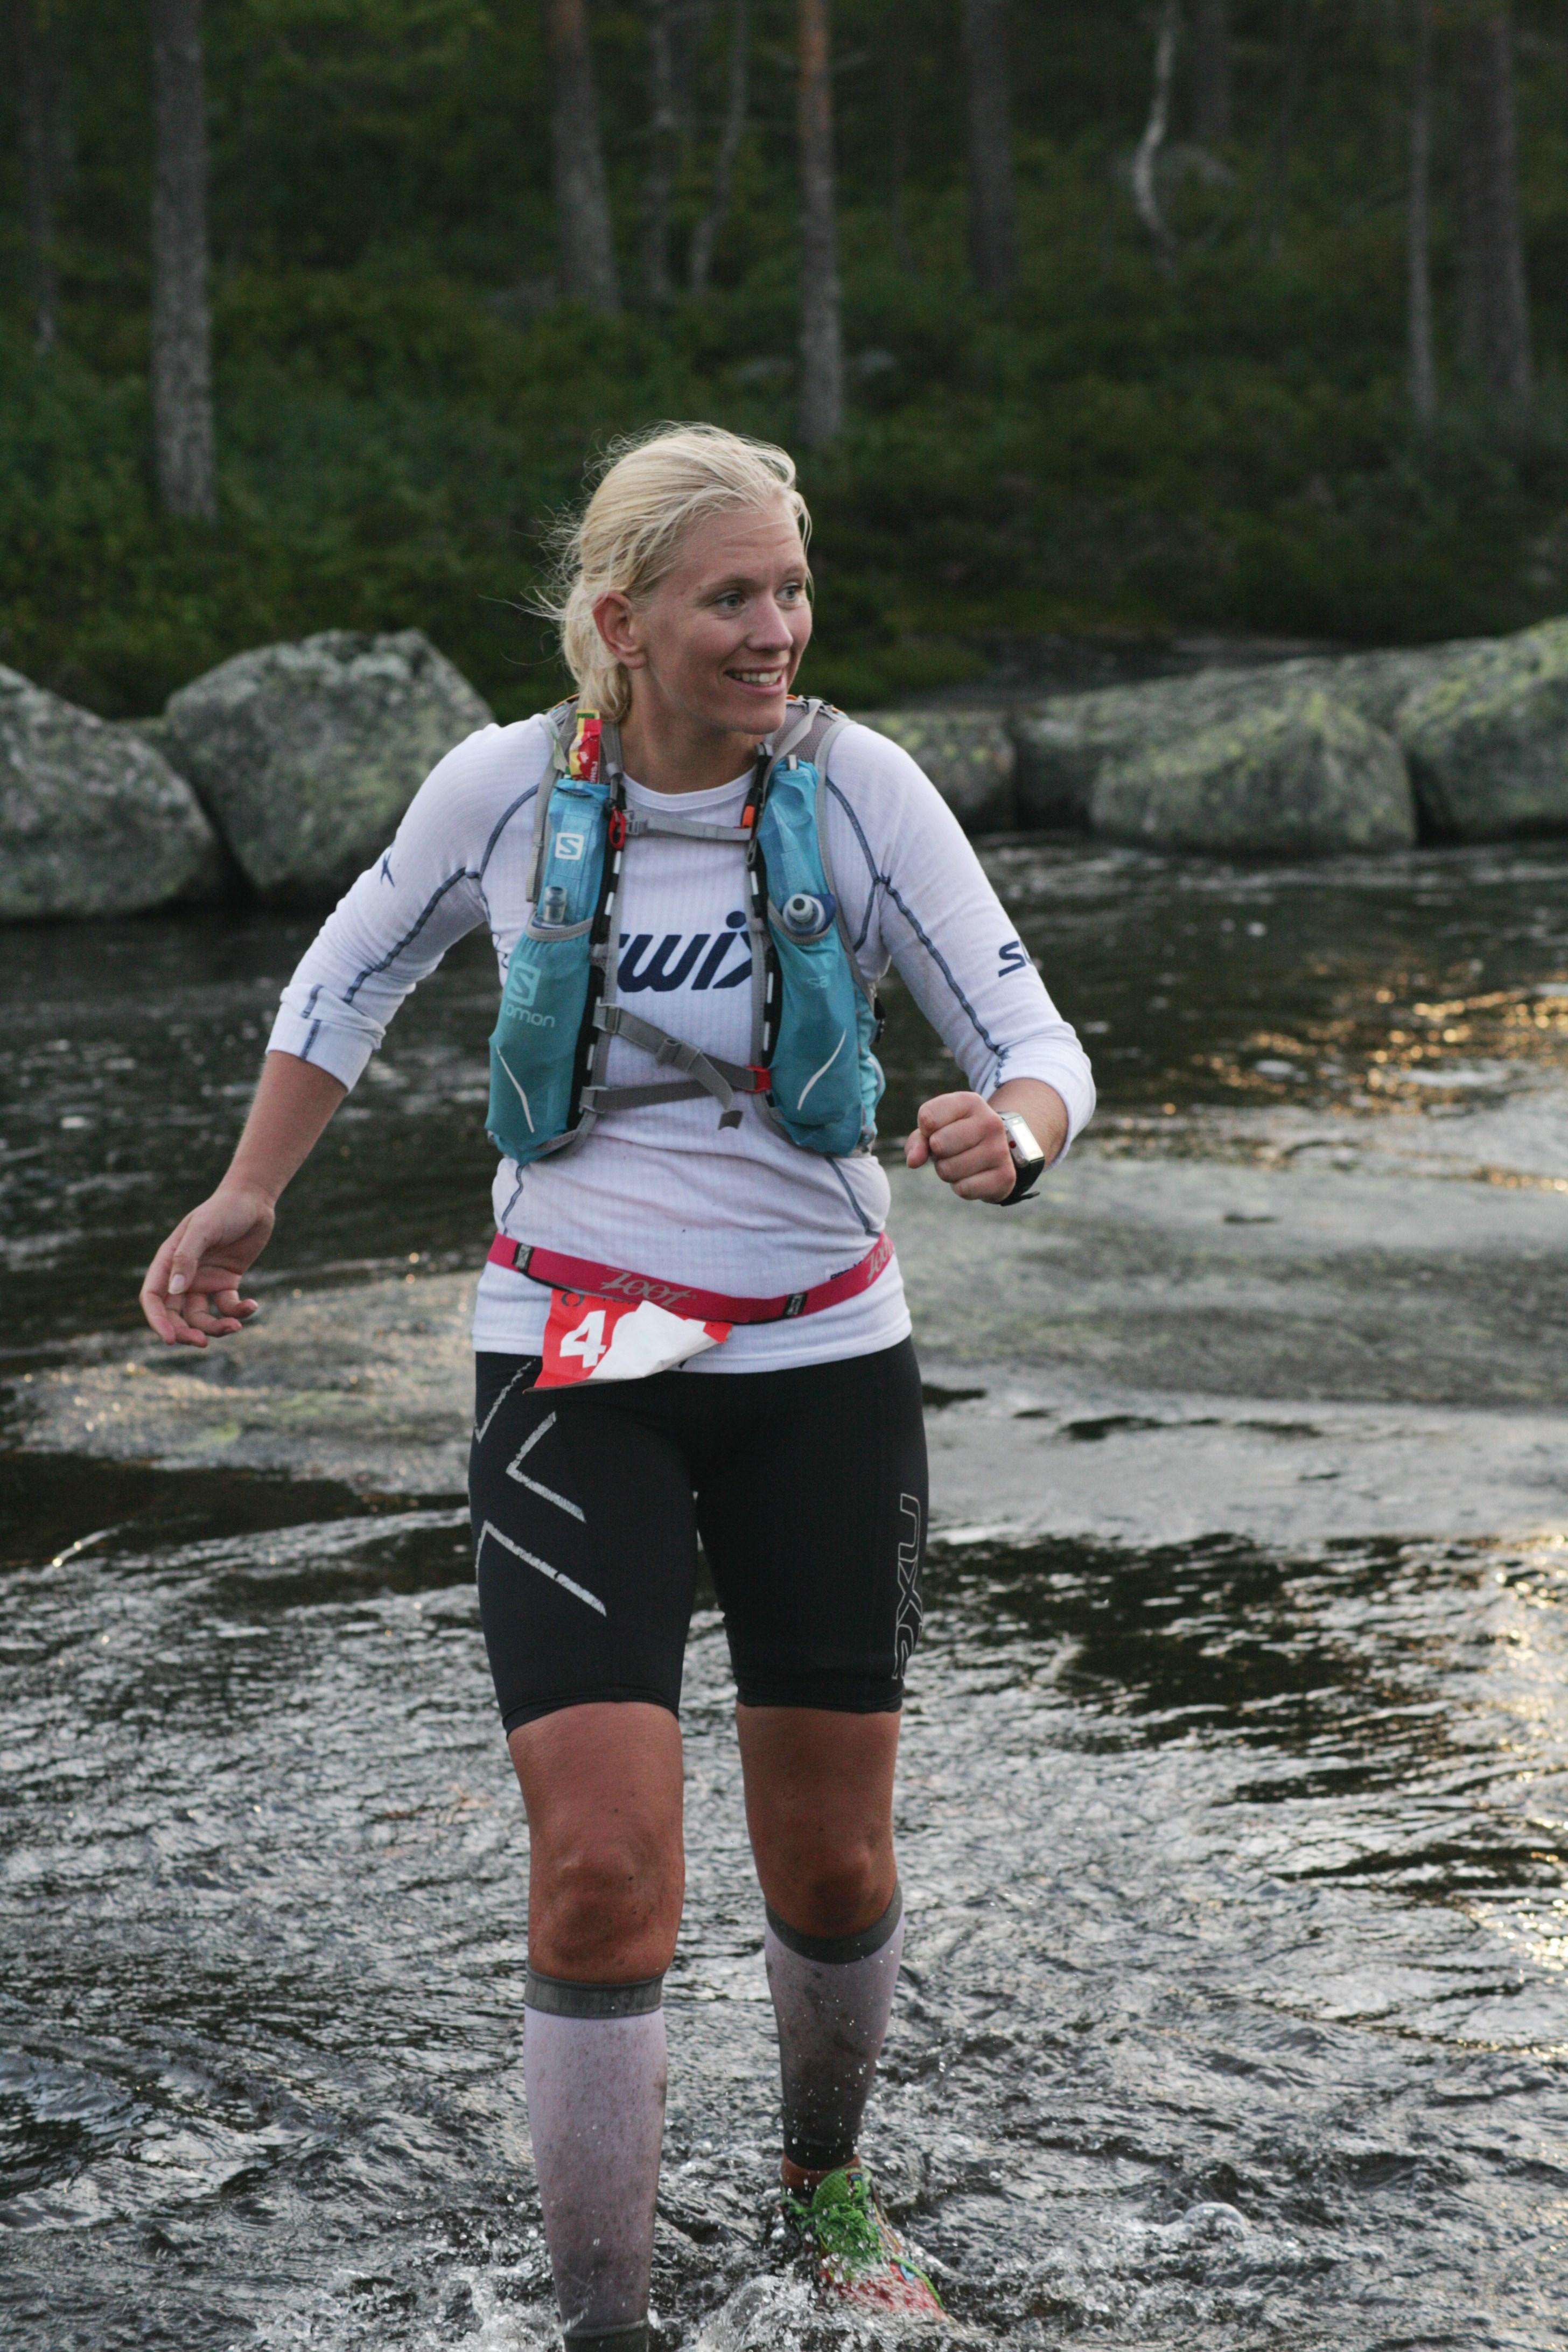 Nina Tveten, Skagerak Sportsklubb.jpg